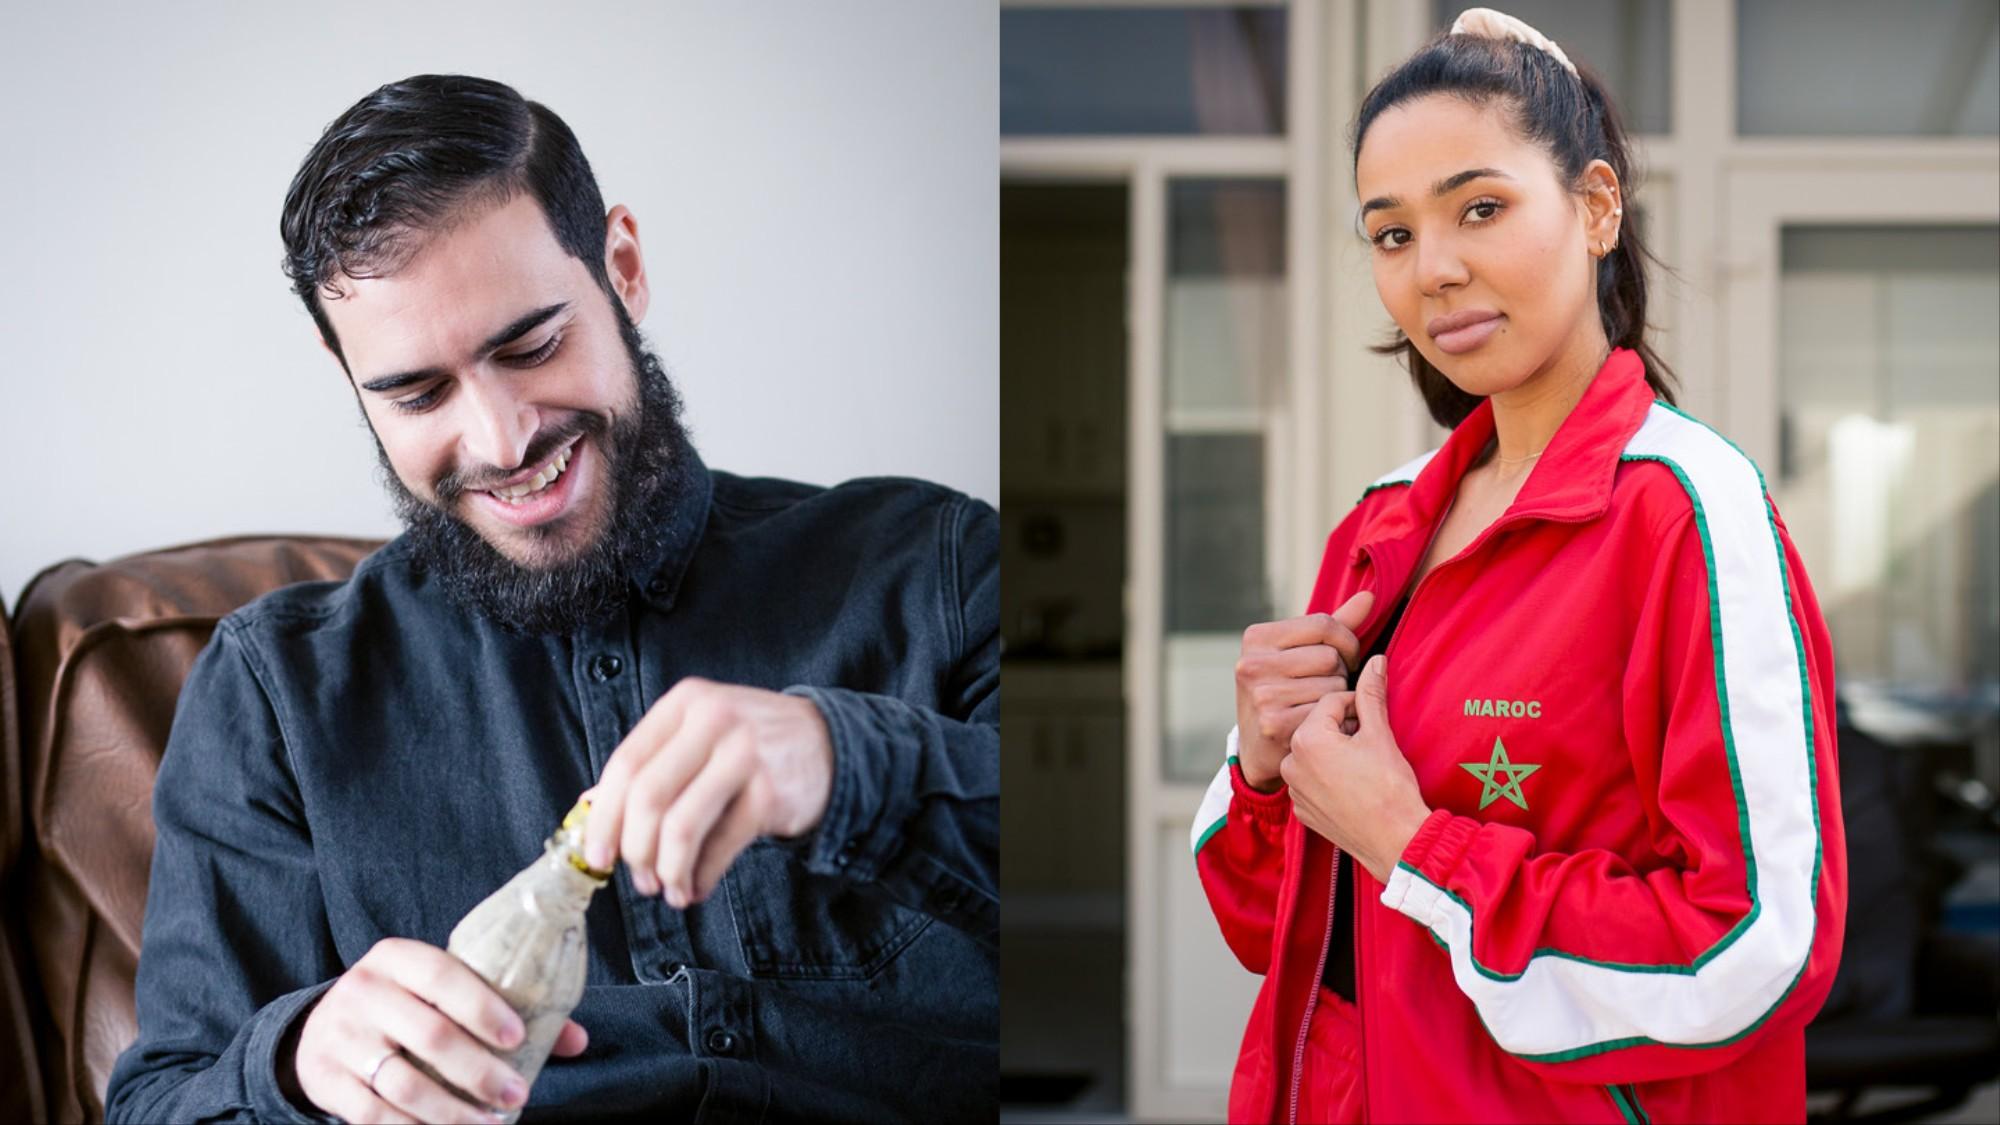 Afbeeldingsresultaat voor vice.com nederlands marokkaanse jongeren